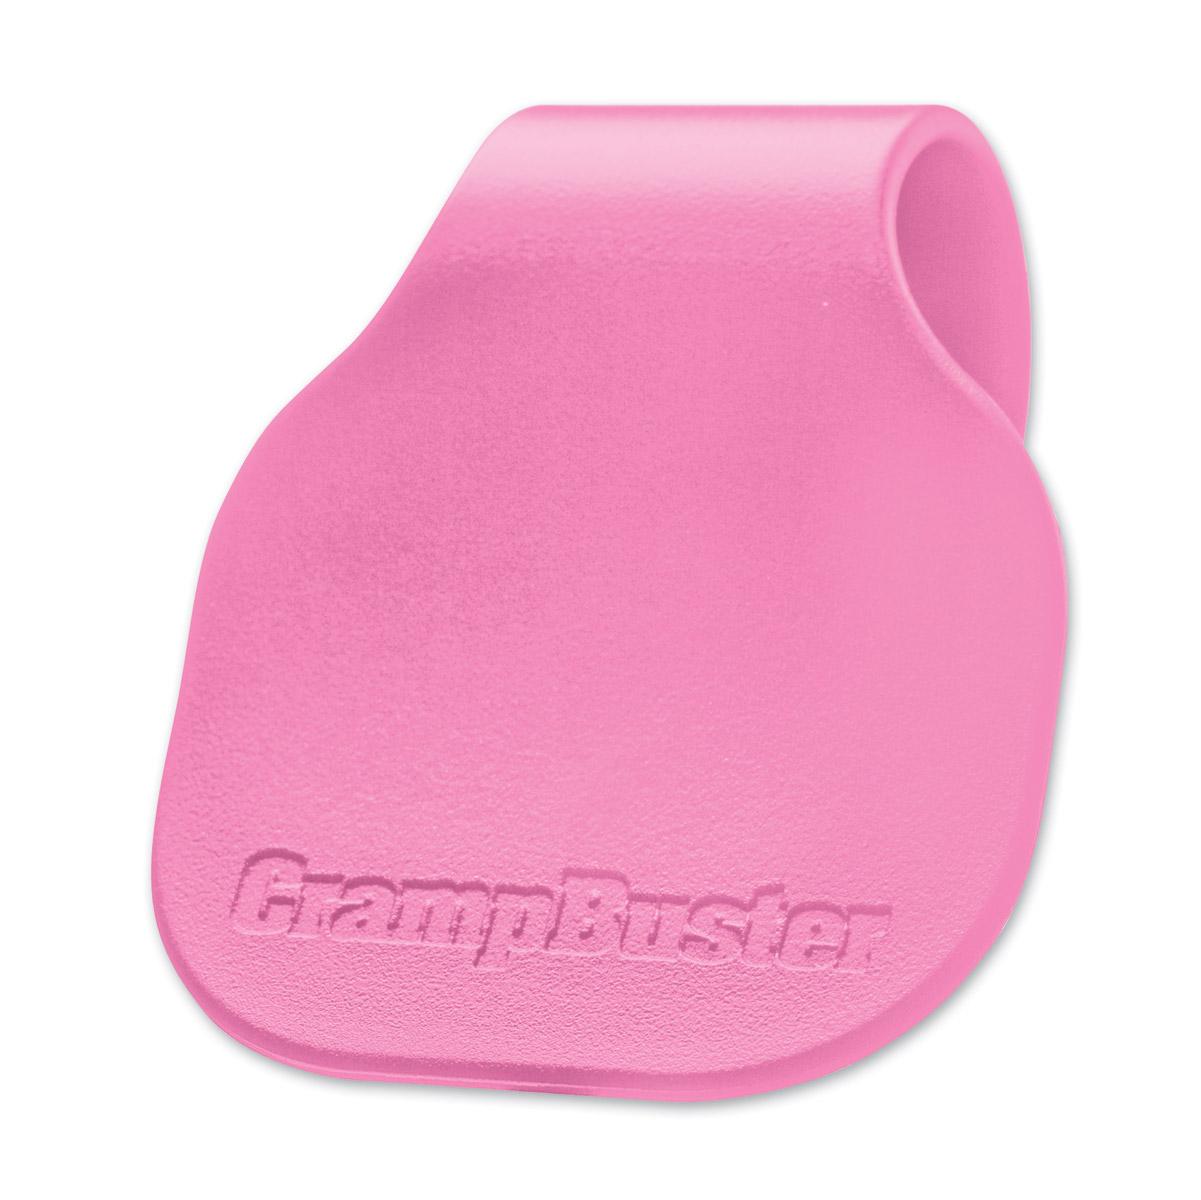 CrampBuster Standard Wide Pink